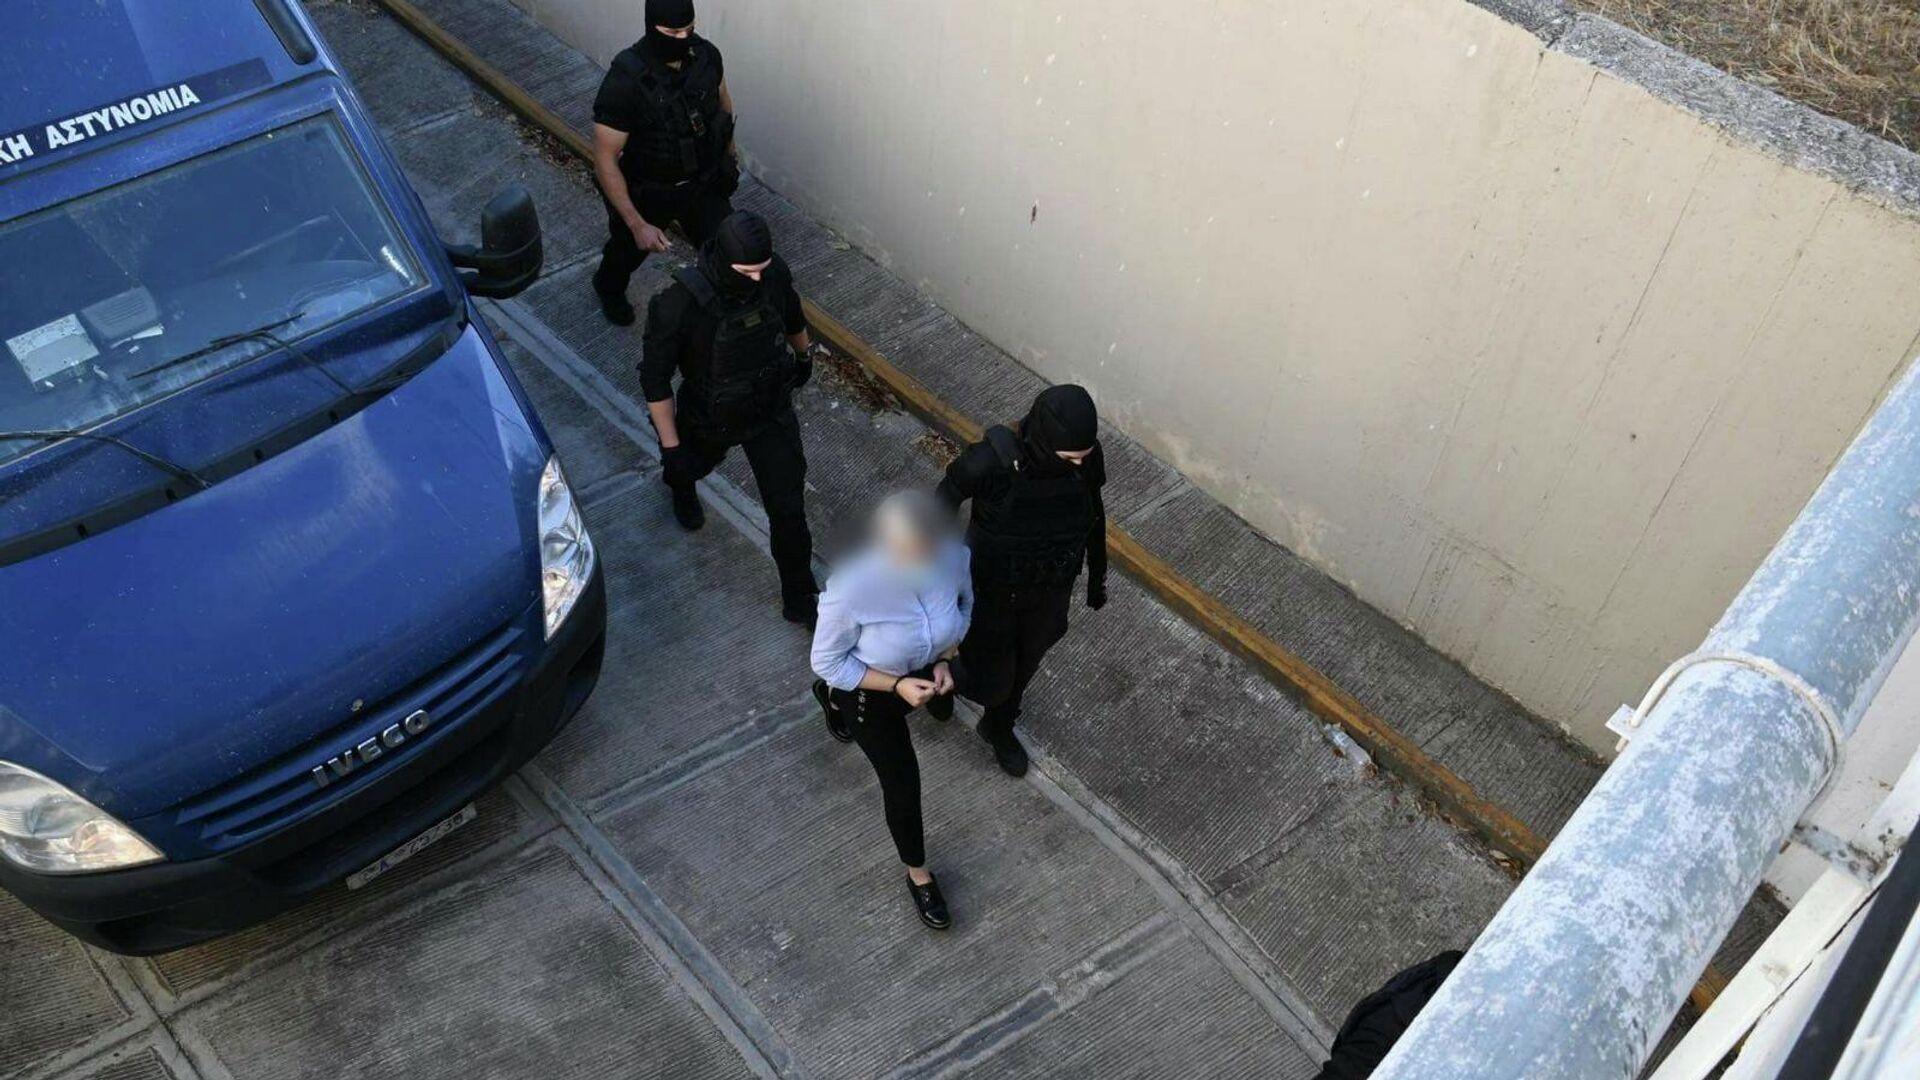 Επίθεση με βιτριόλι: Η Έφη έφτασε στο δικαστήριο - Sputnik Ελλάδα, 1920, 07.10.2021